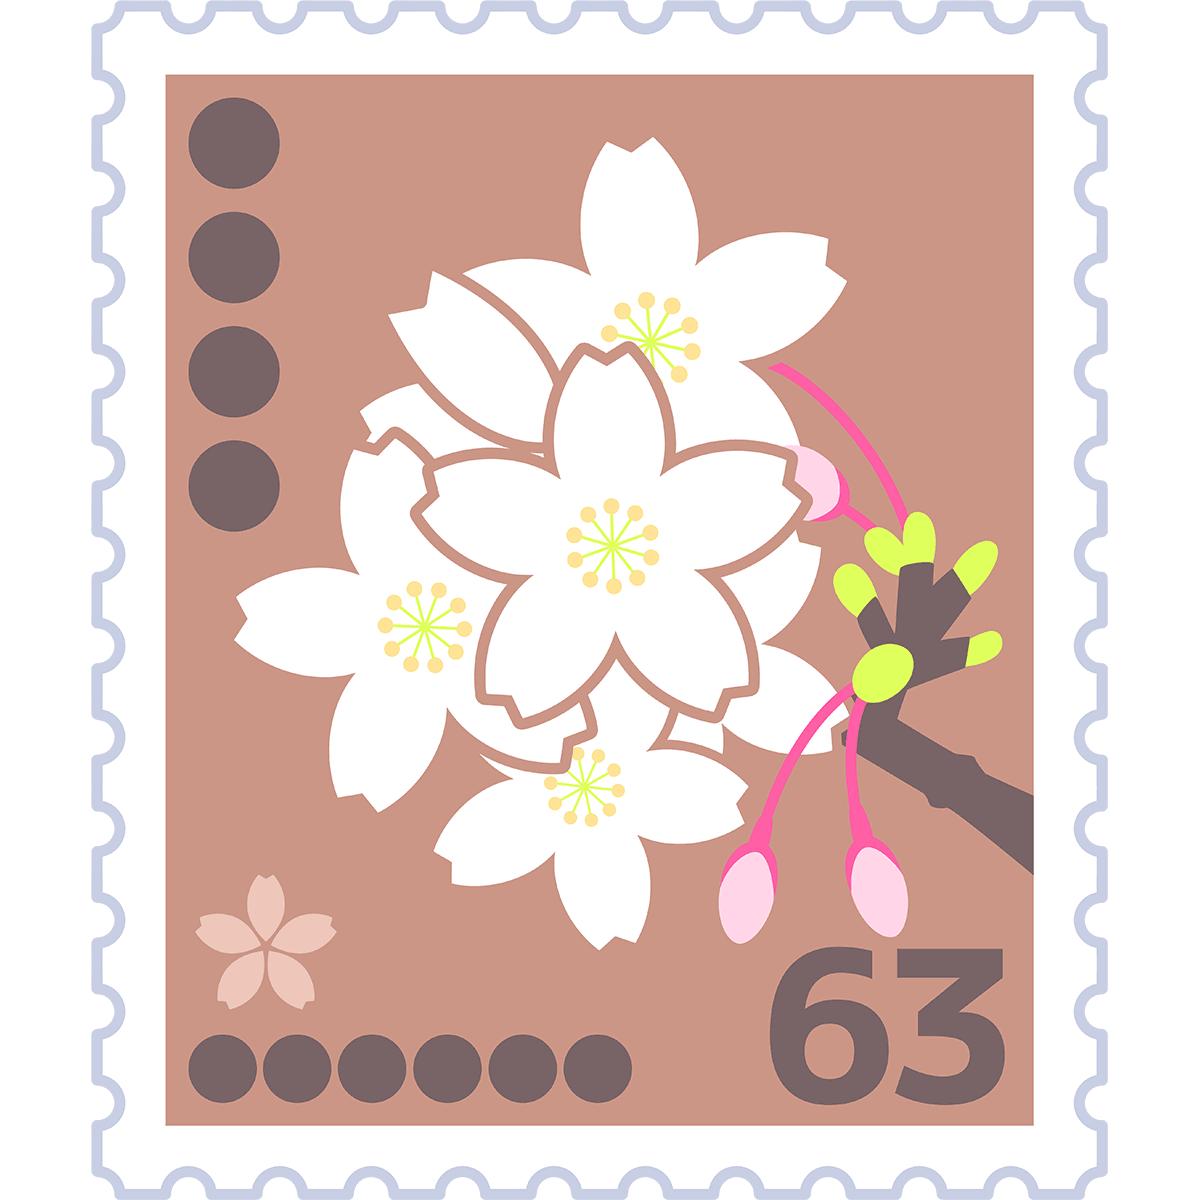 63円切手の無料イラスト